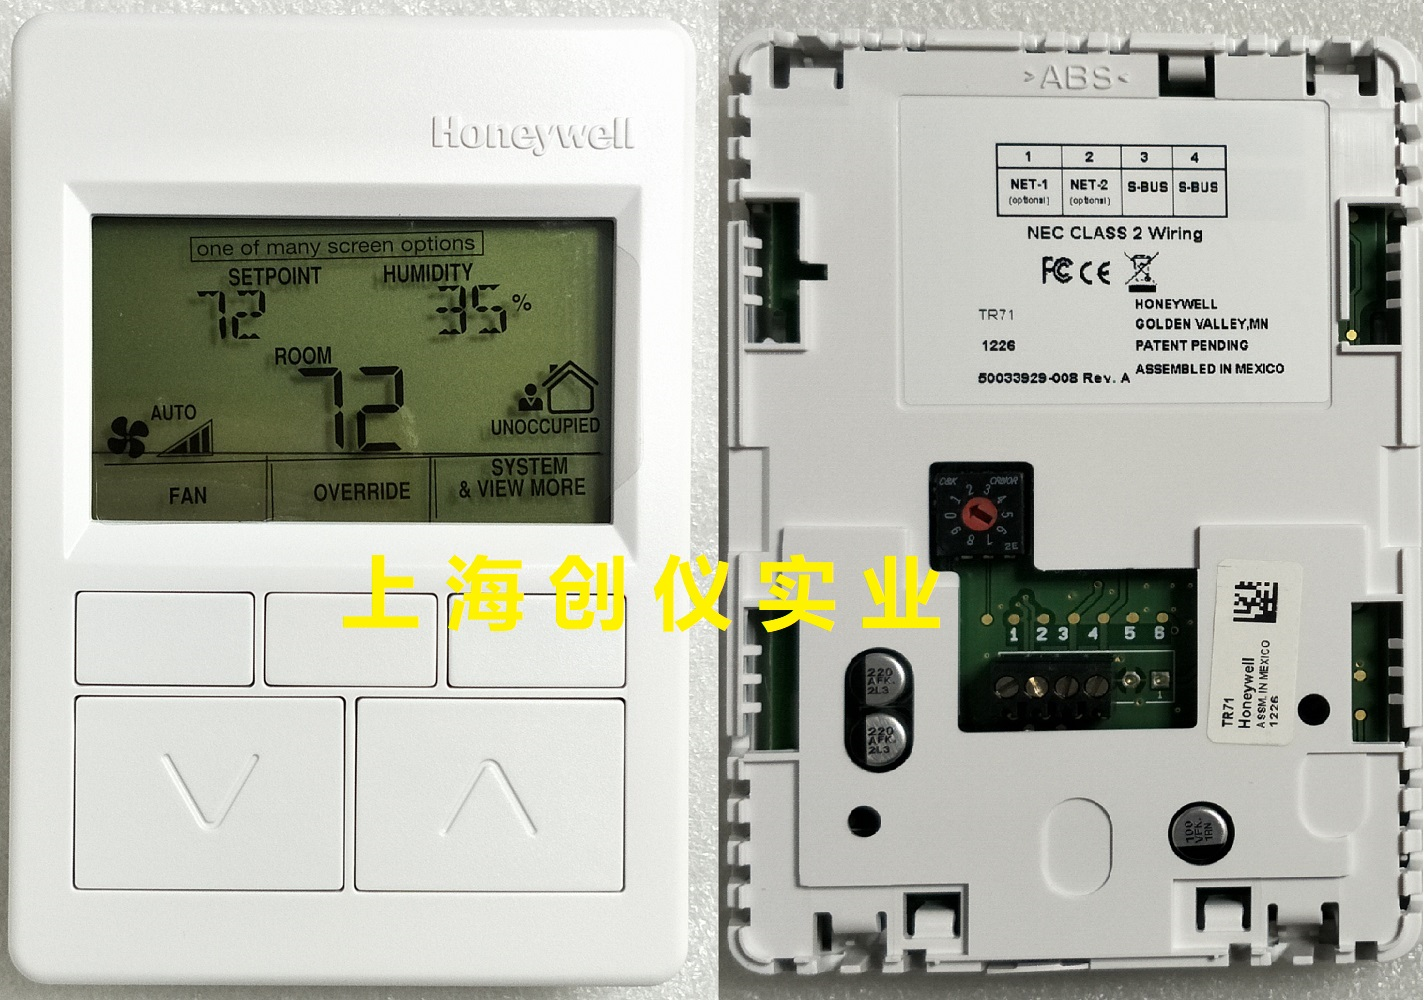 Sylk 总线通讯 ZioTM TR71-H 系列墙装模块温湿度传感器